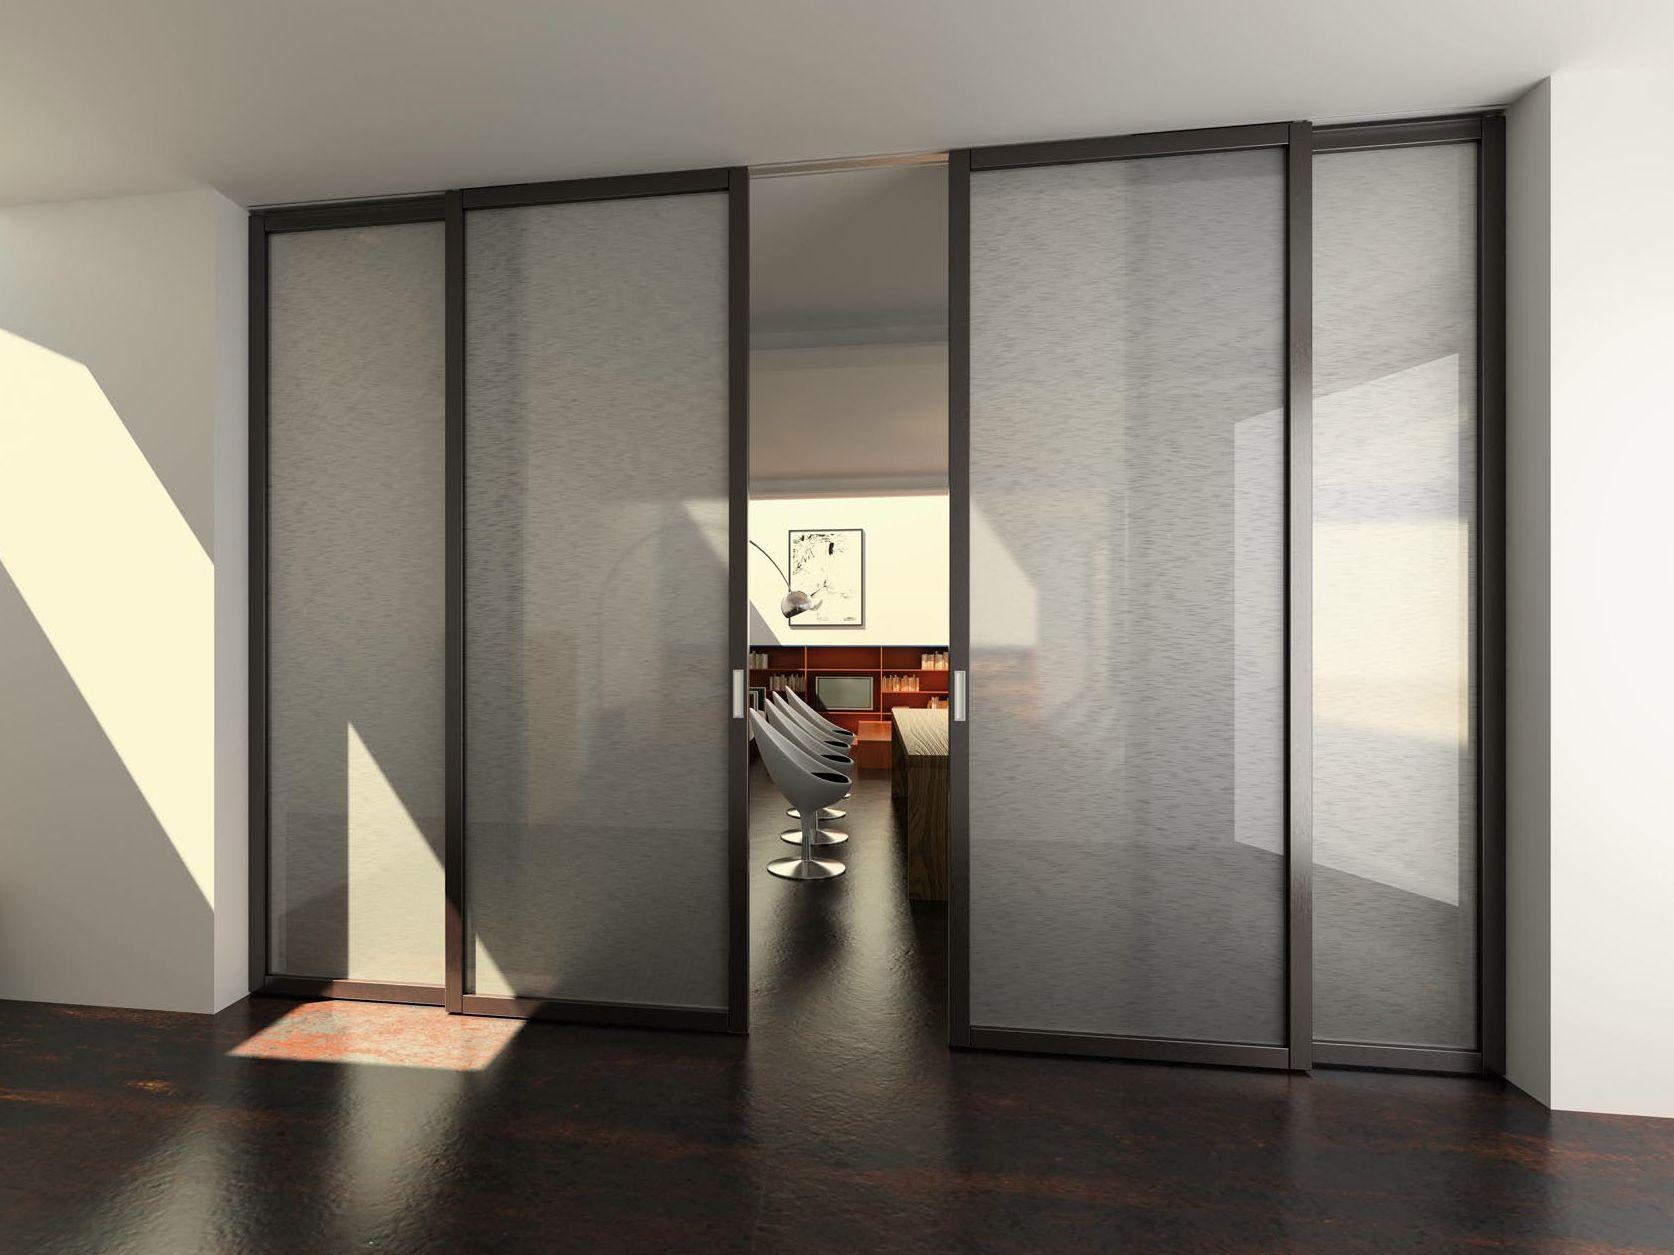 Puerta corrediza de vidrio flat f1 by foa for Precio de puertas corredizas de plastico